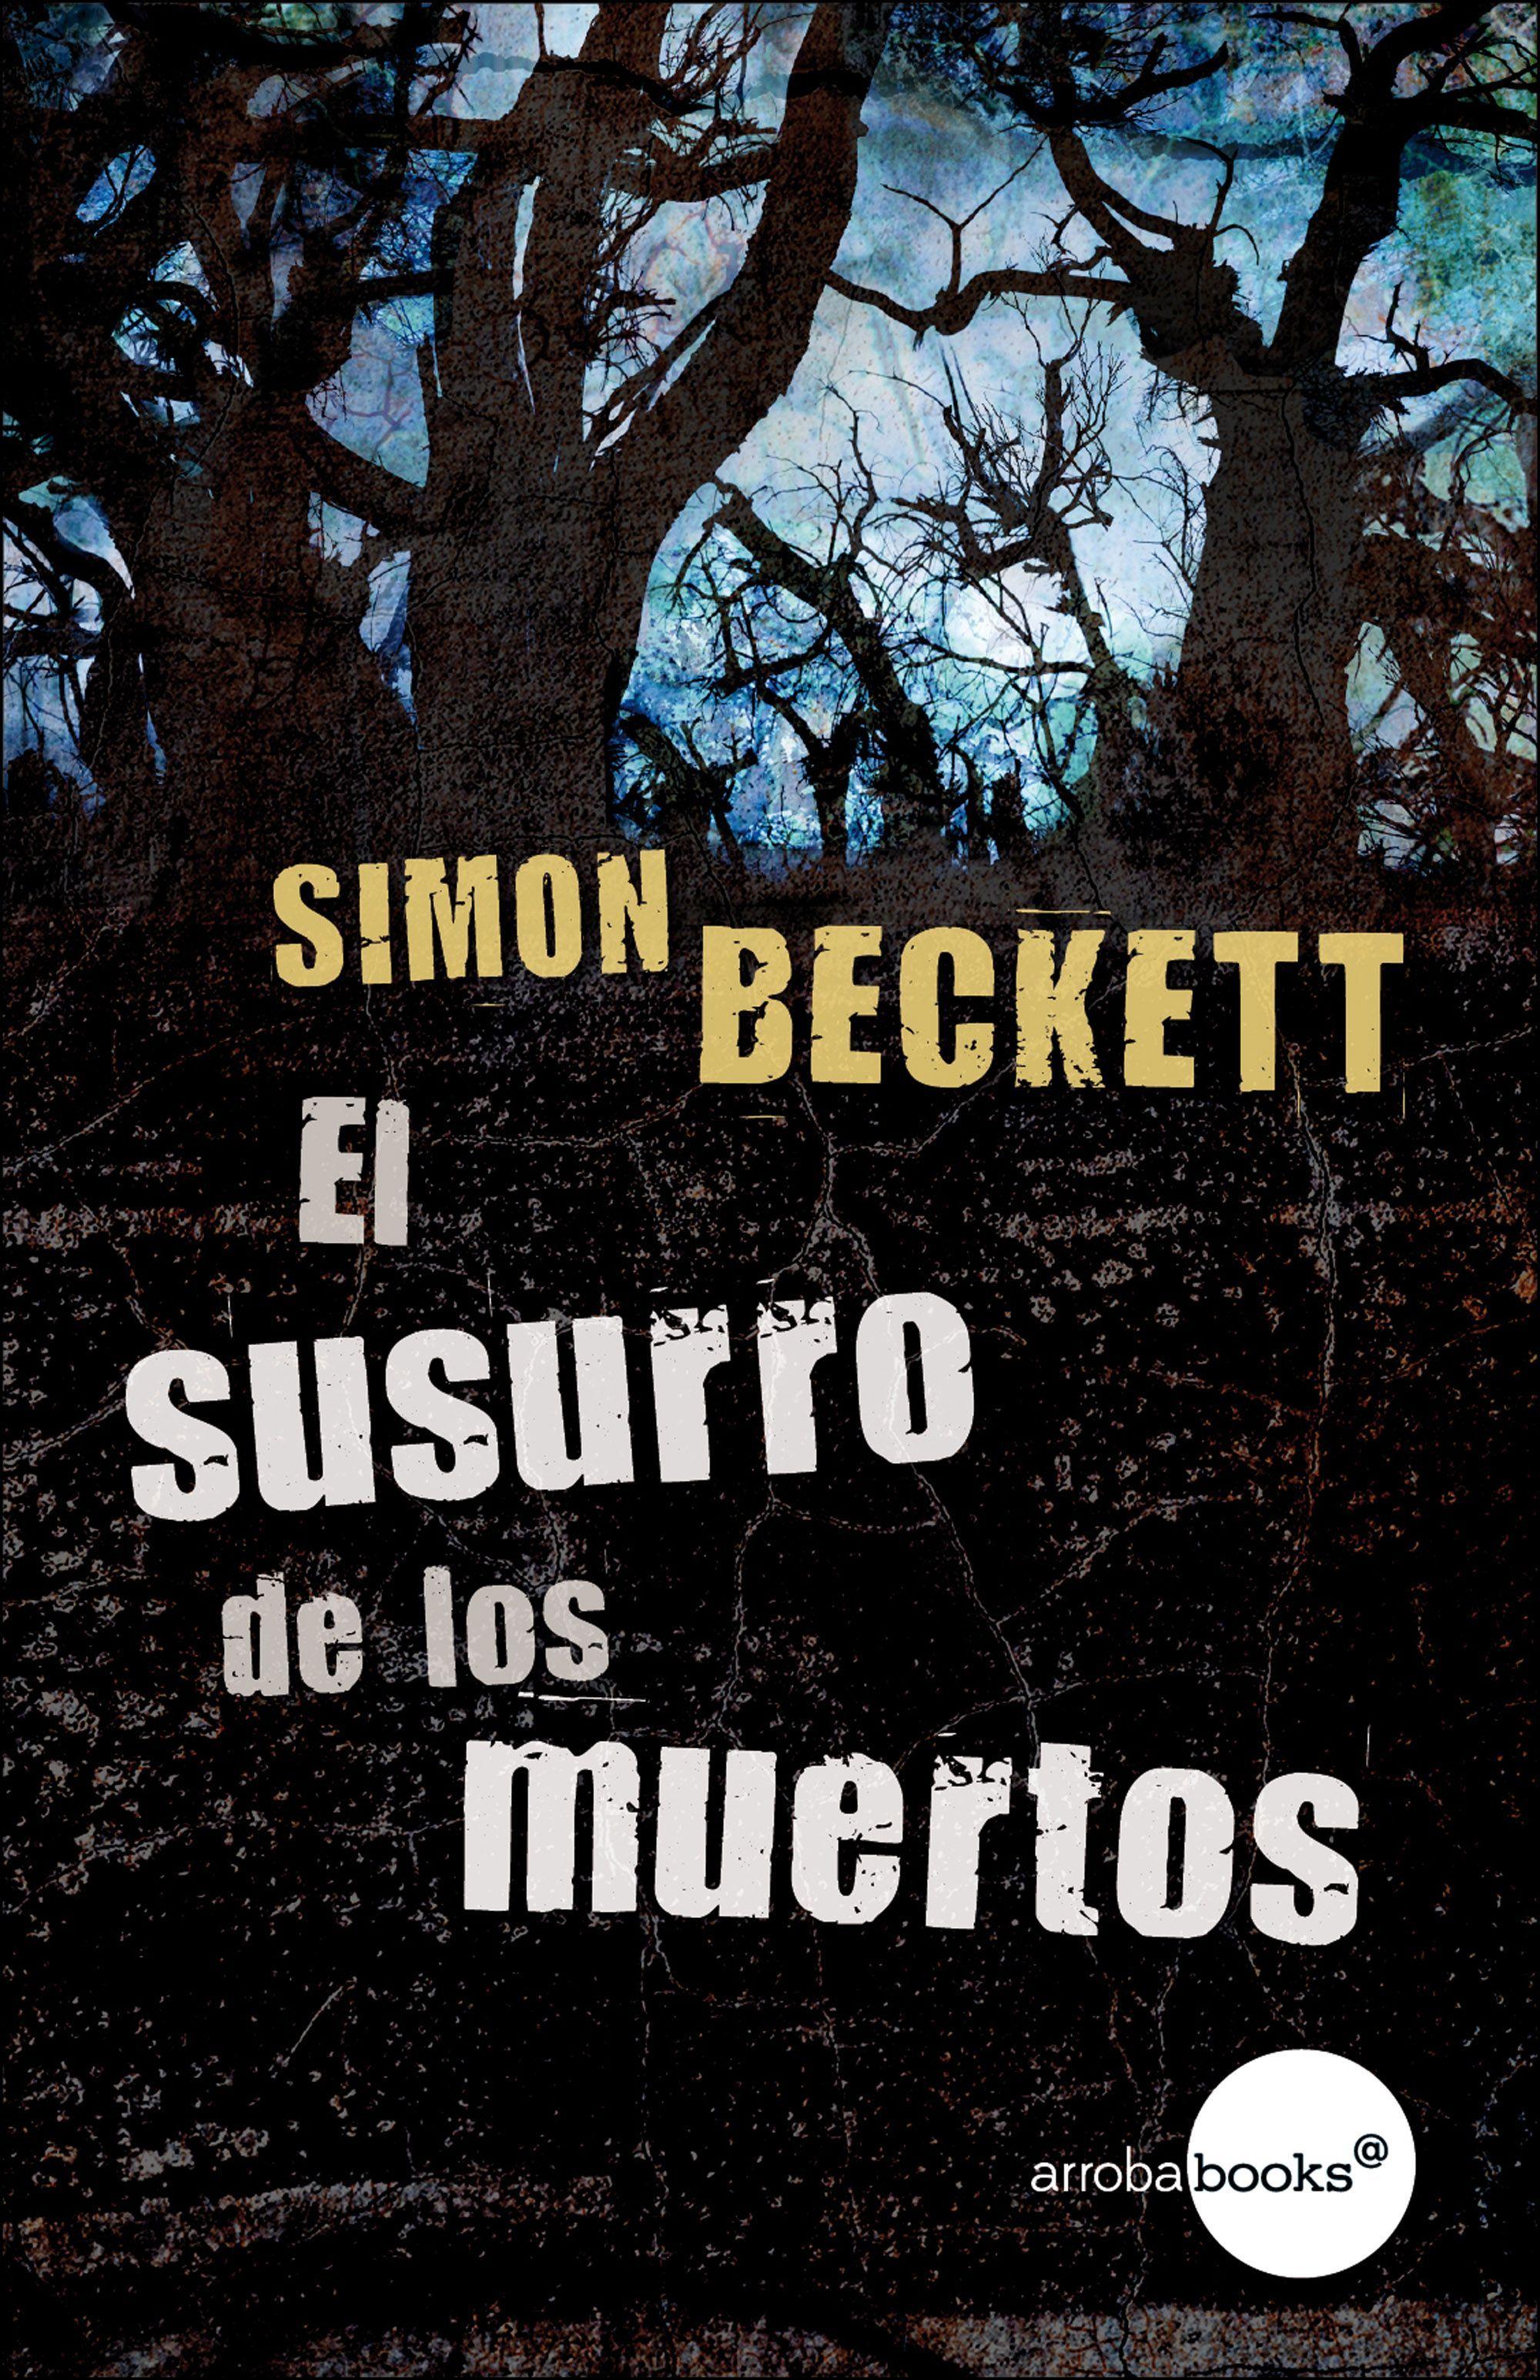 Book Cover Series Y Novelas ~ El susurro de los muertos simon beckett mis libros